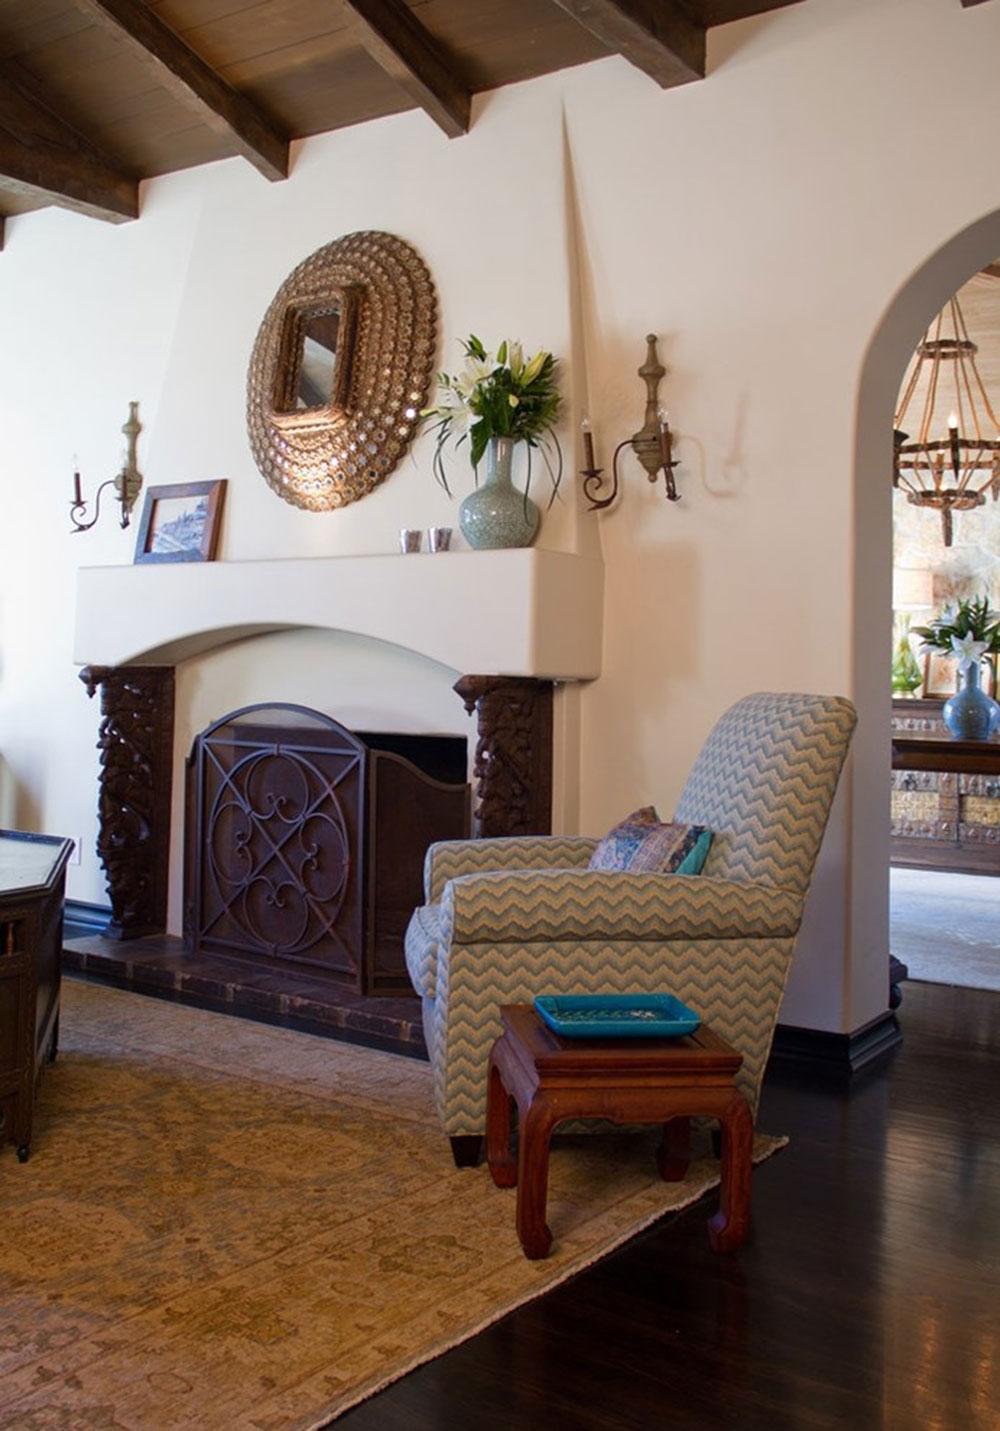 Skorstensbeklädnad-dekoration-idéer-för-ett-mysigt-hem11 eldstadsklädsel-dekorationsidéer för ett mysigt hem